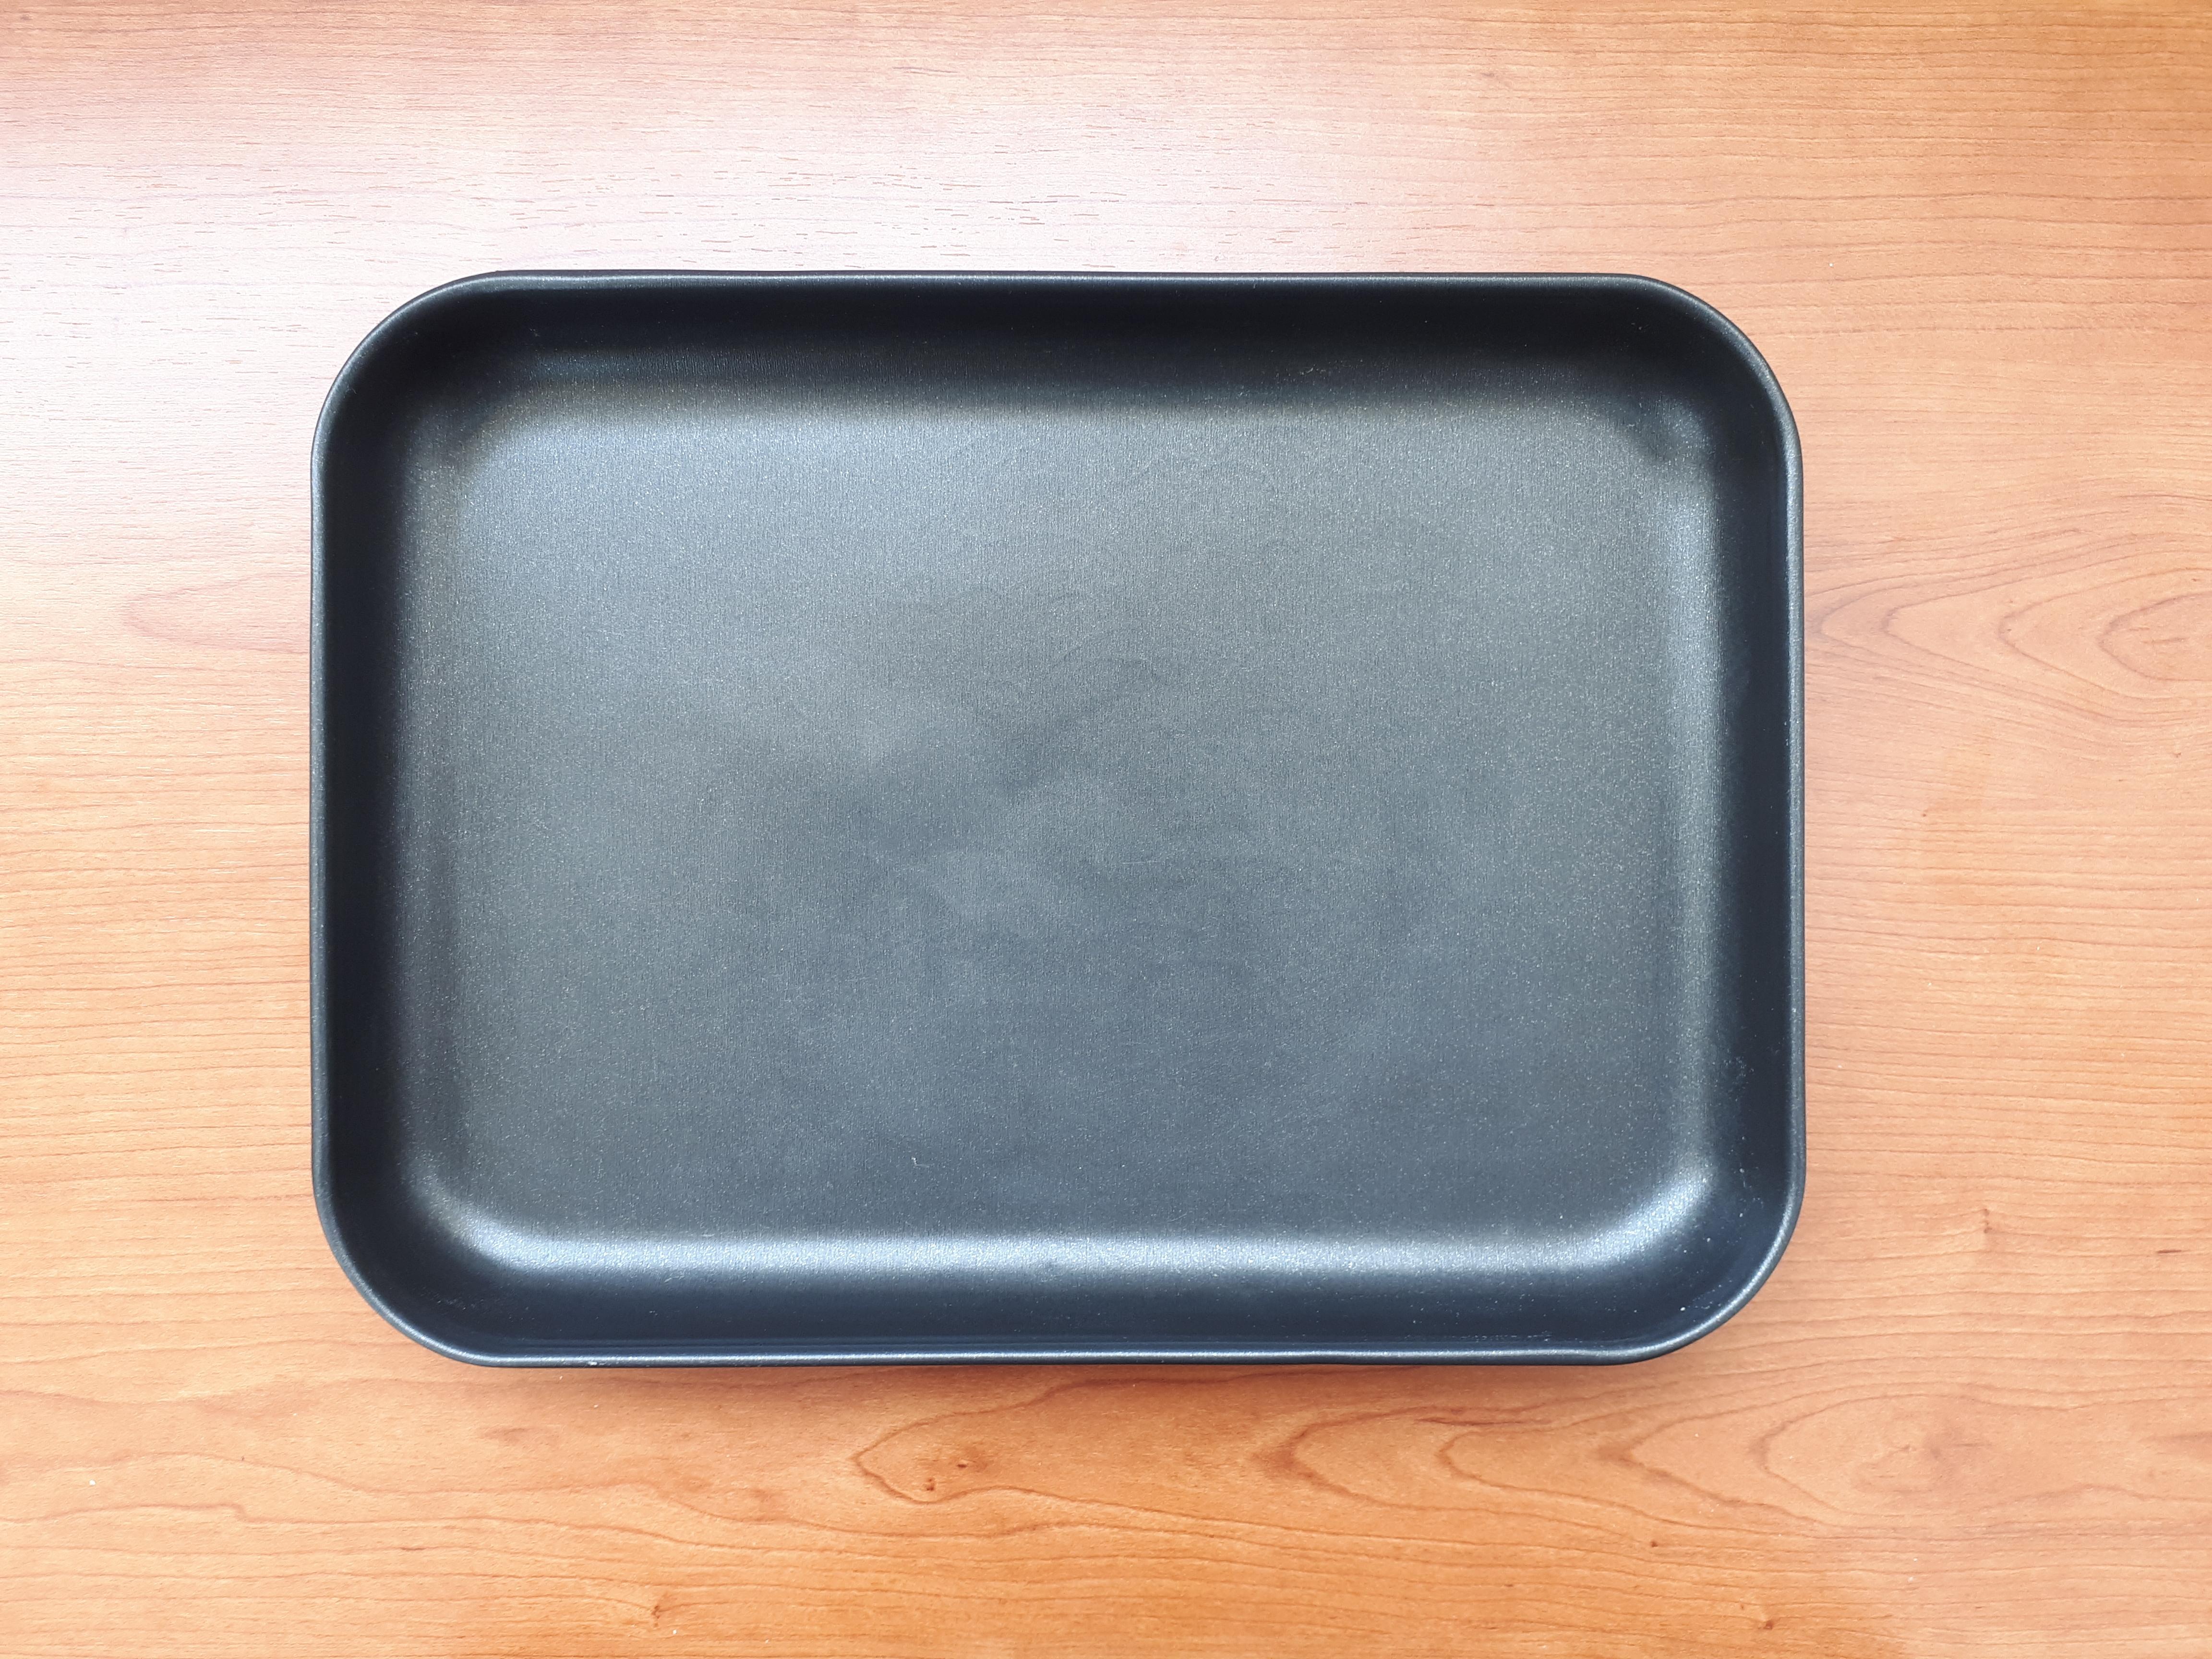 File:Teflon tray 2017 jpg - Wikimedia Commons